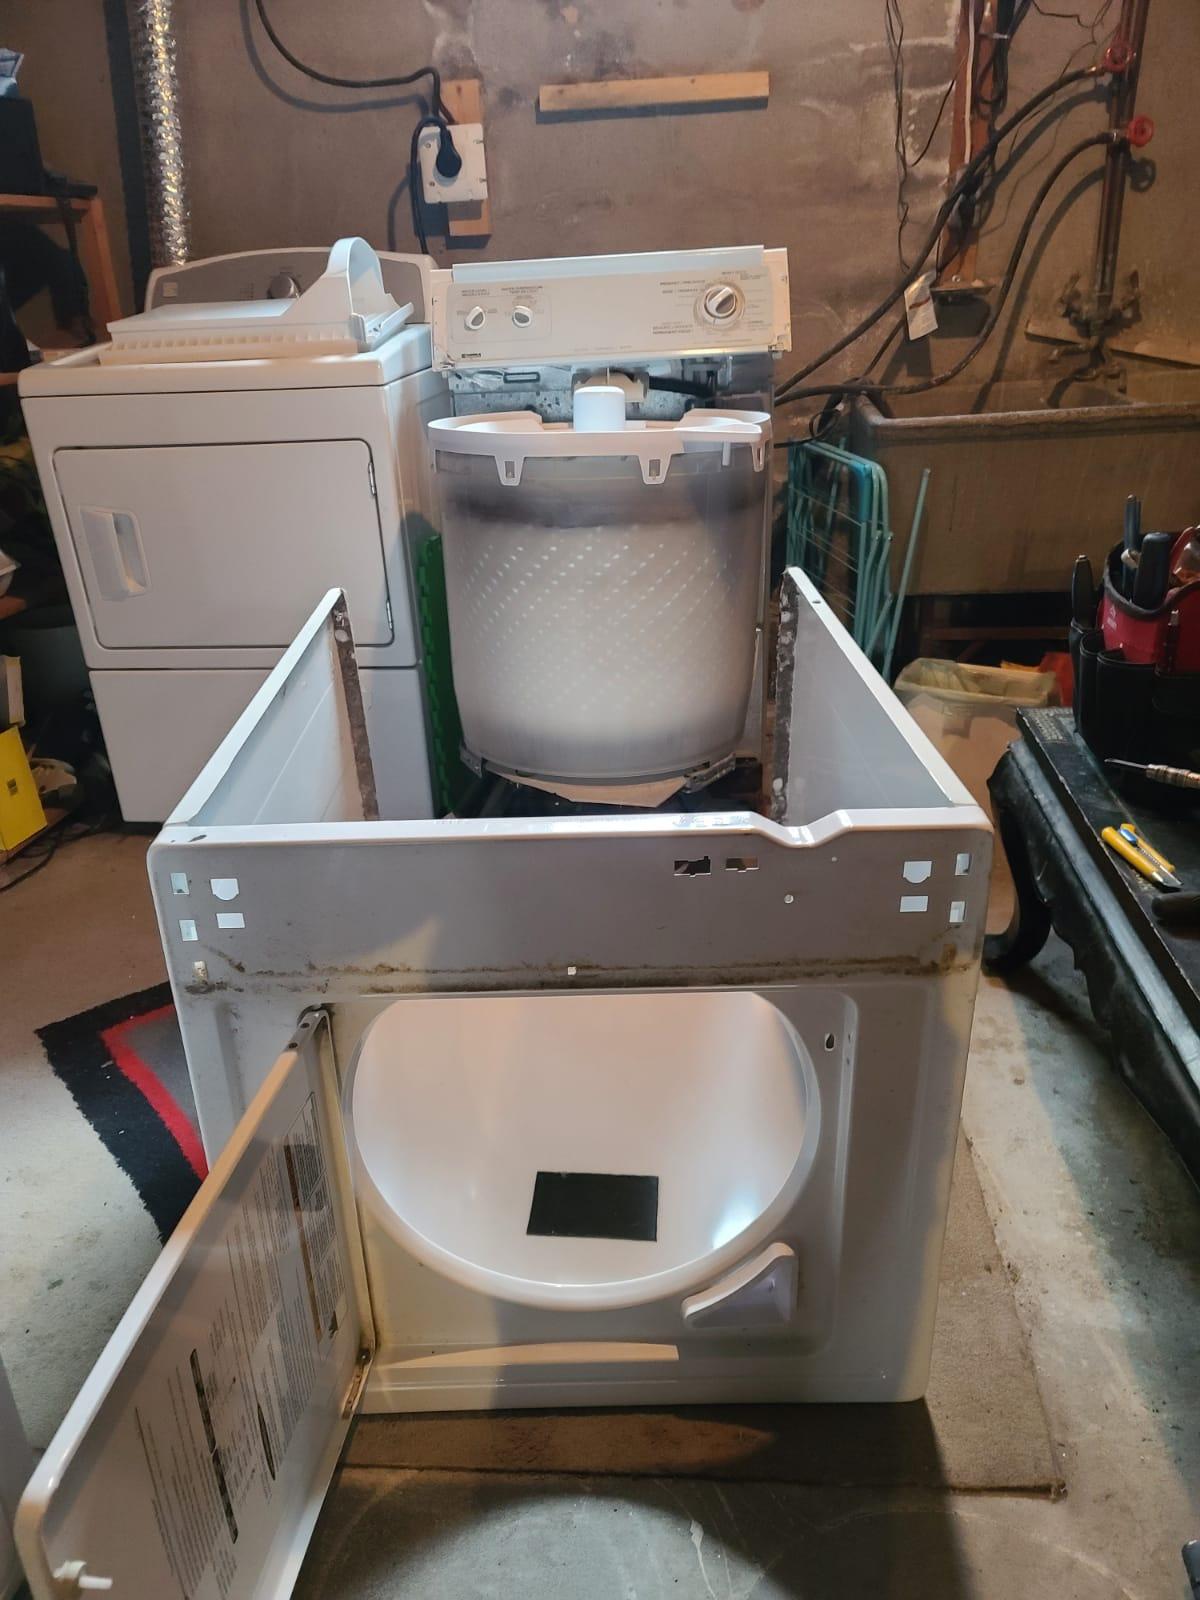 LG washer repair LG dryer repair